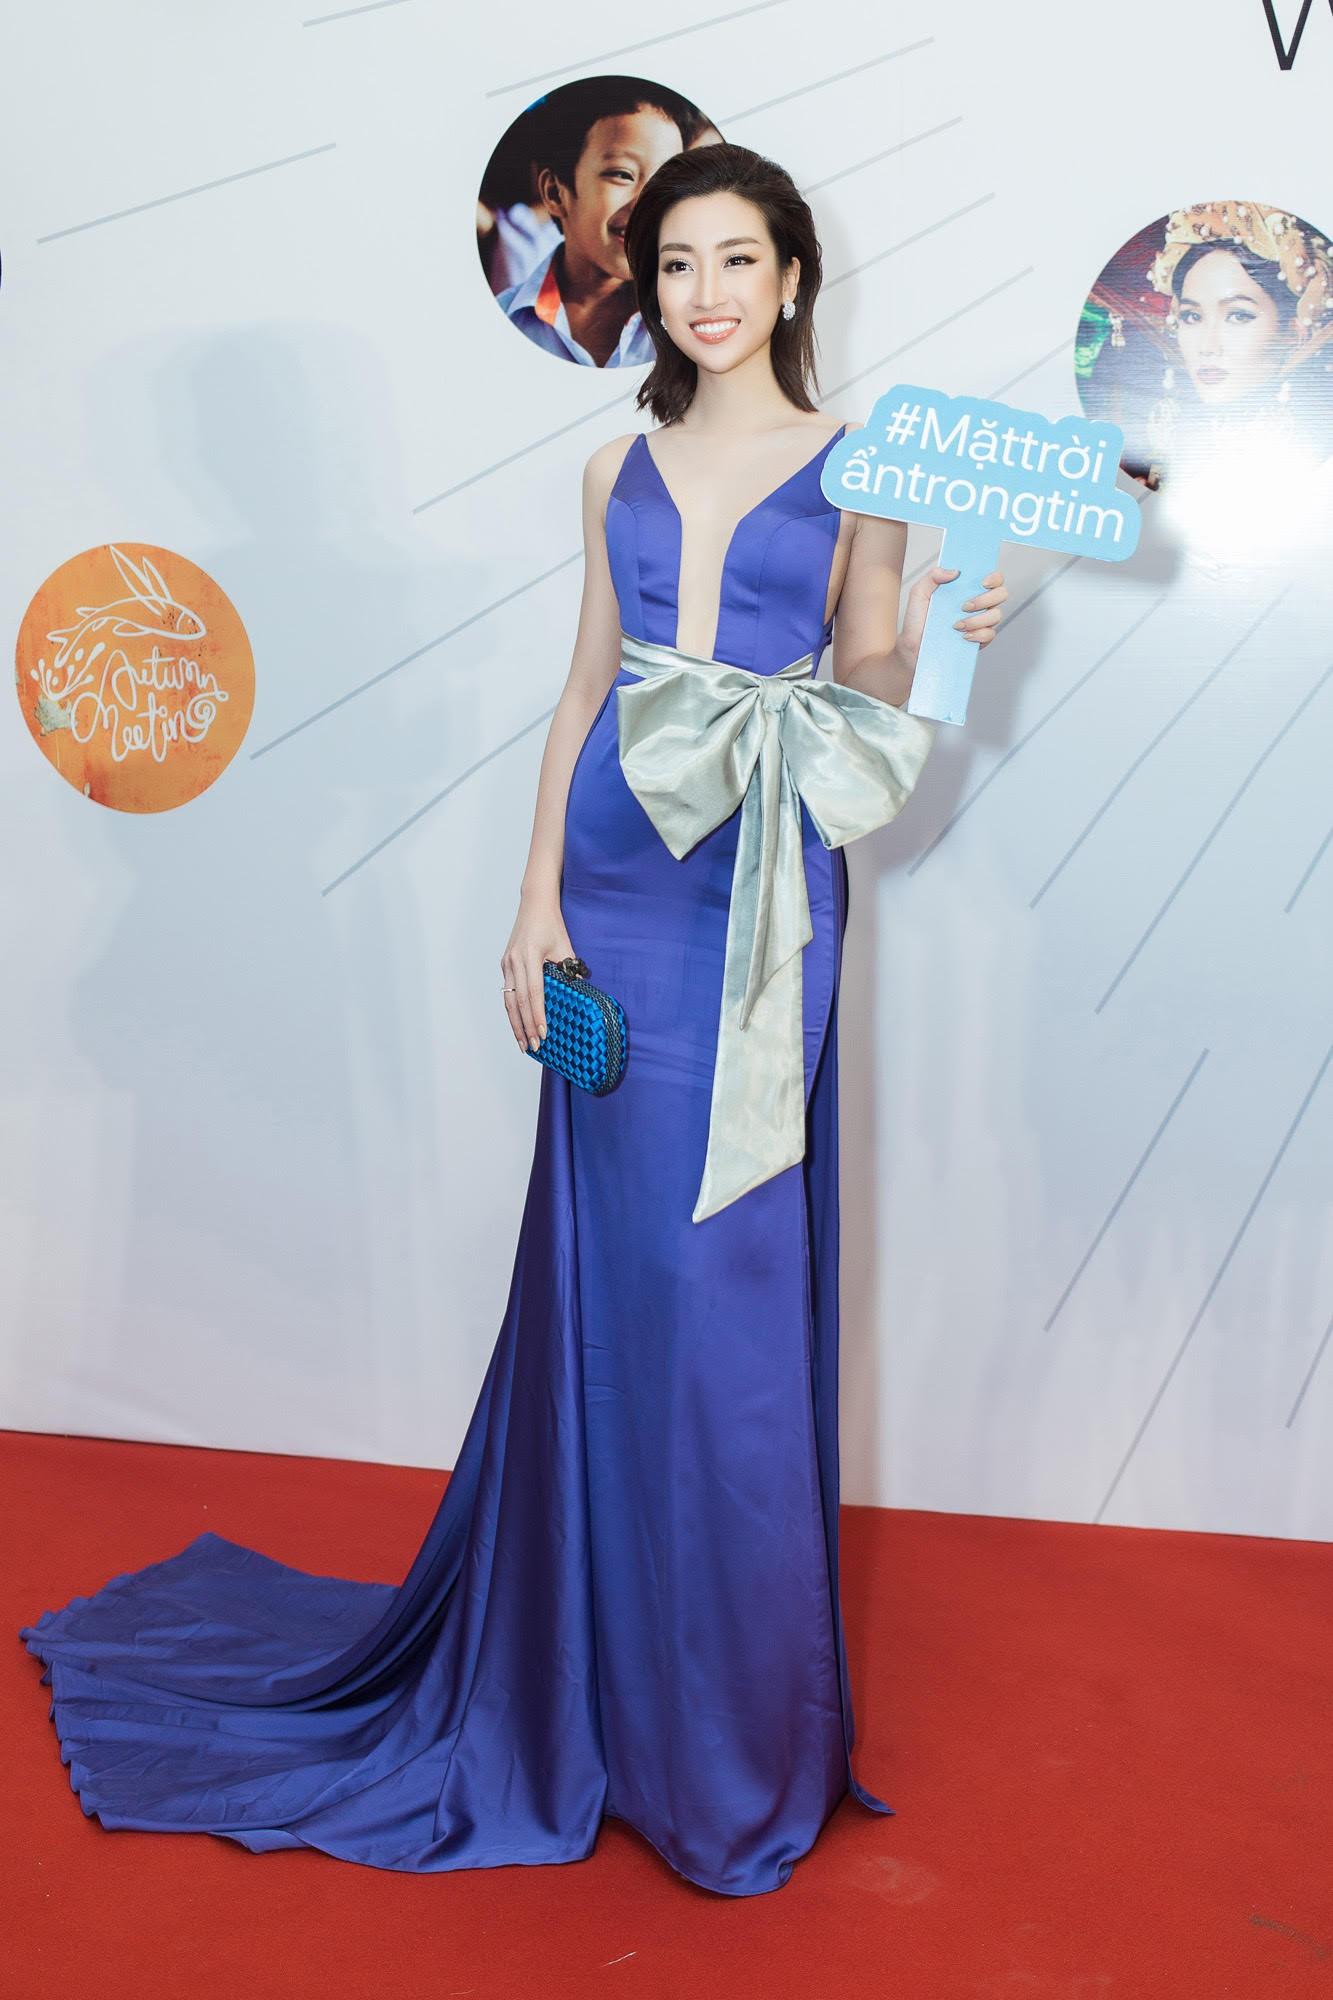 Cử chỉ tình bể bình Hoa hậu Tiểu Vy dành cho Đỗ Mỹ Linh ngay trên sóng truyền hình trực tiếp gây bão MXH-2